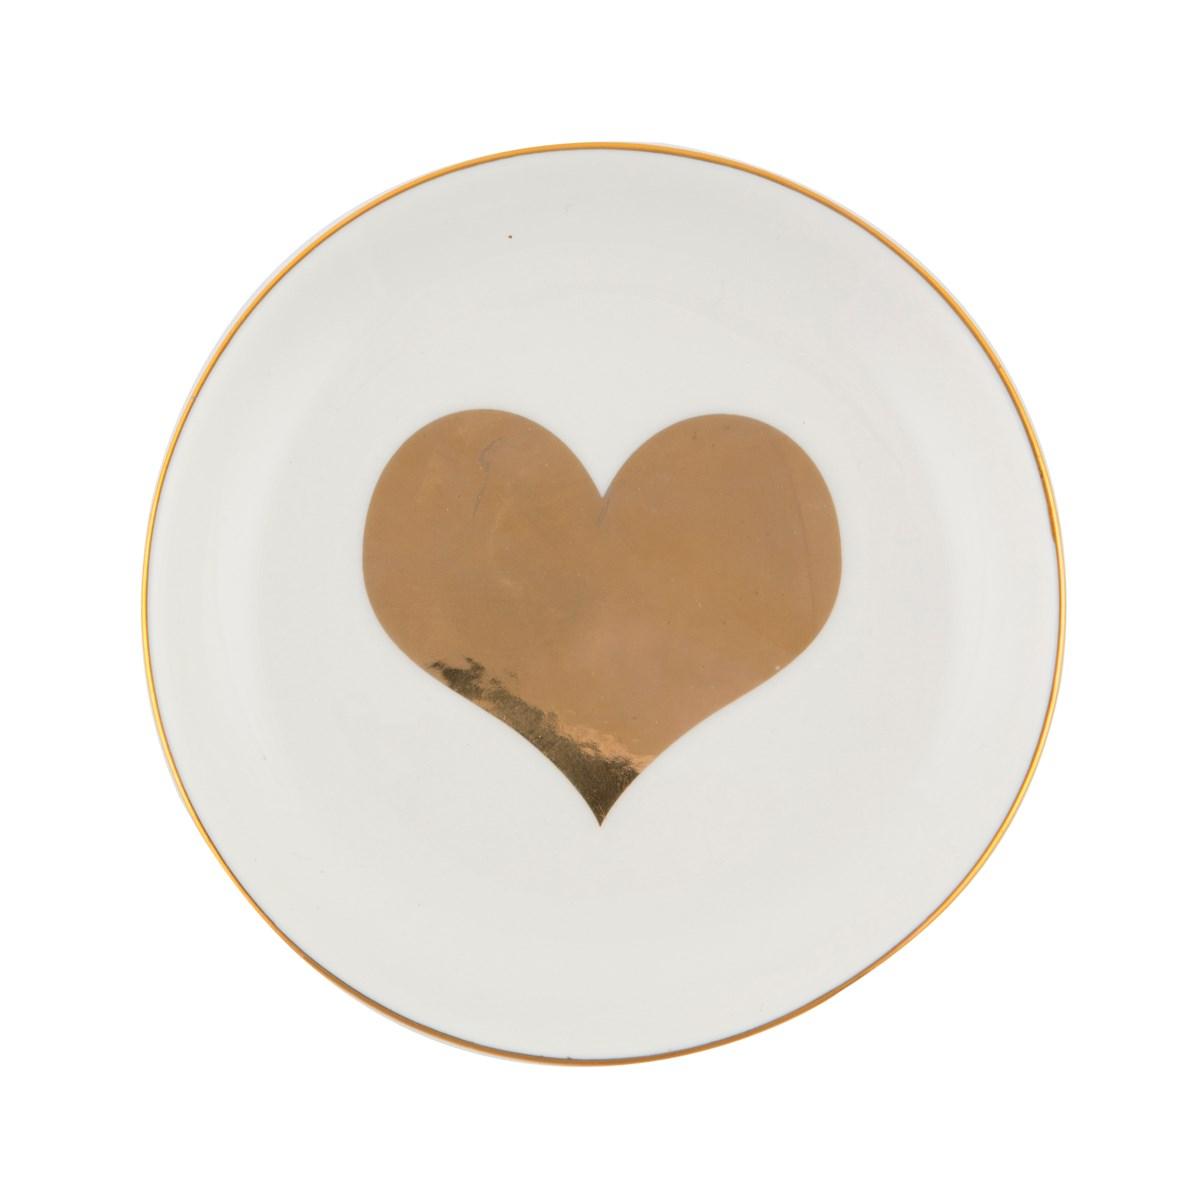 Keramikfat med Guldhjärta • Pryloteket